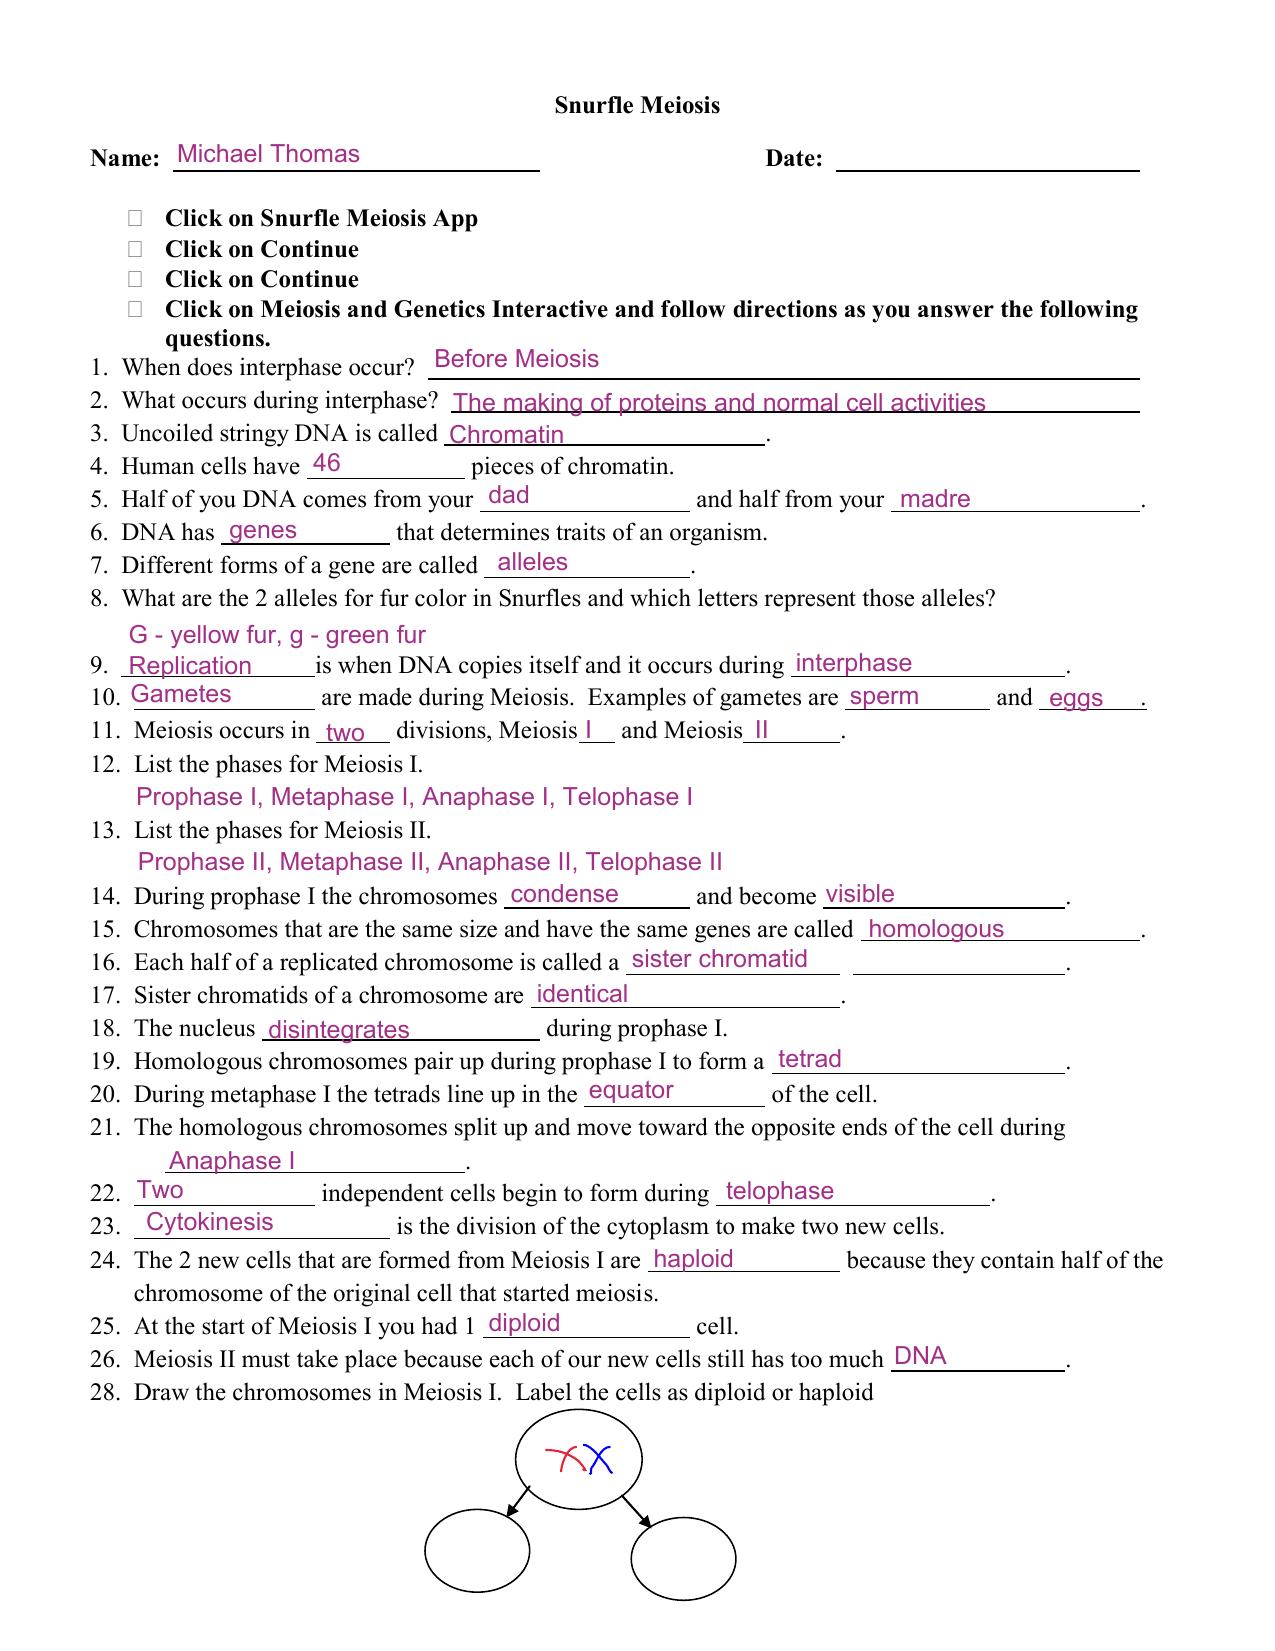 Snurfle Meiosis Worksheet